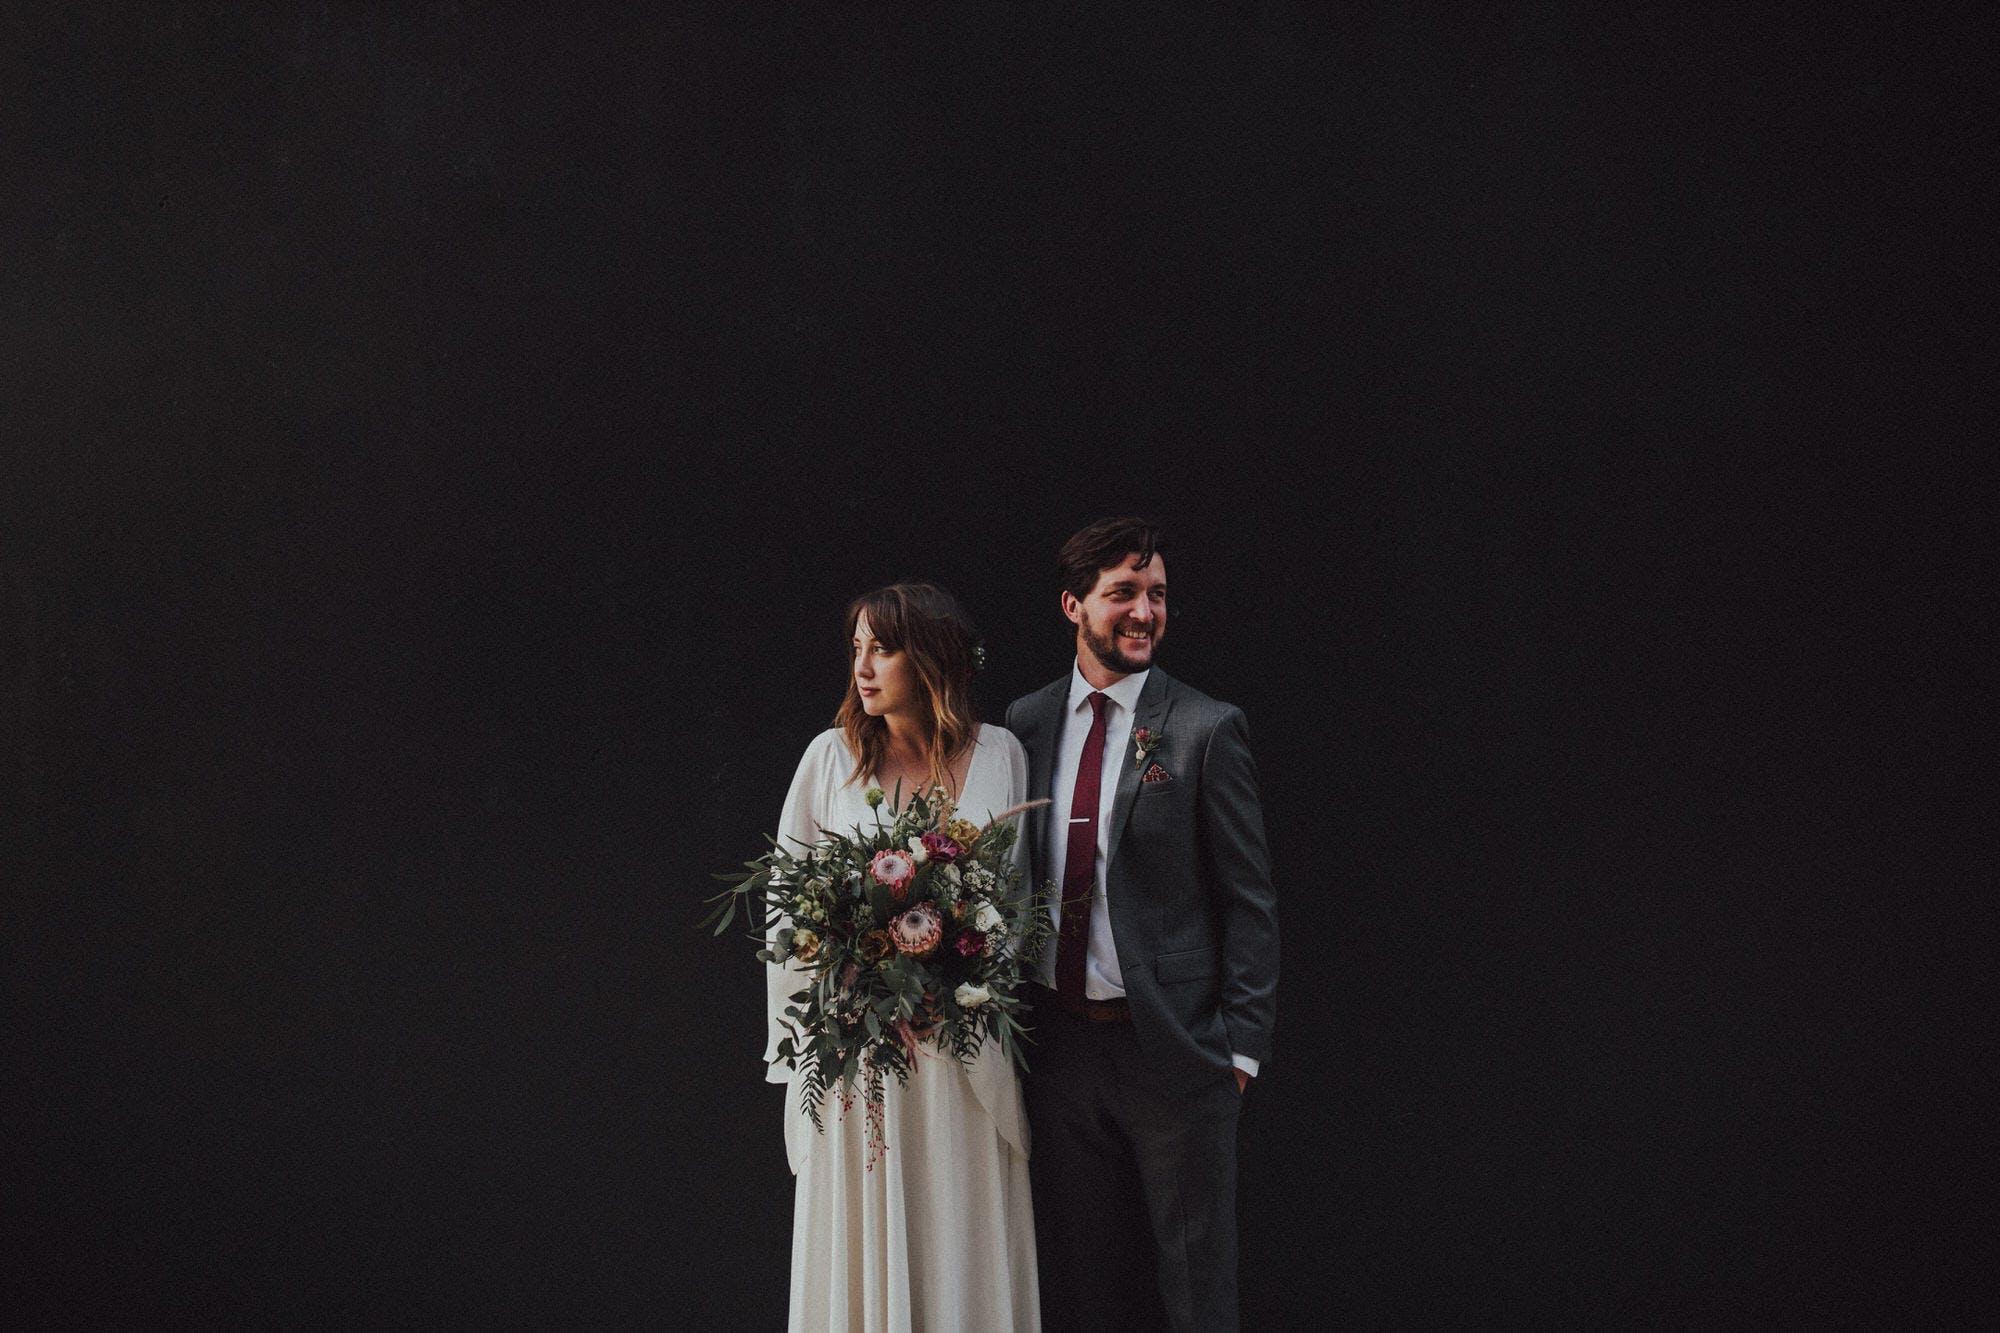 DTLA wedding portraits